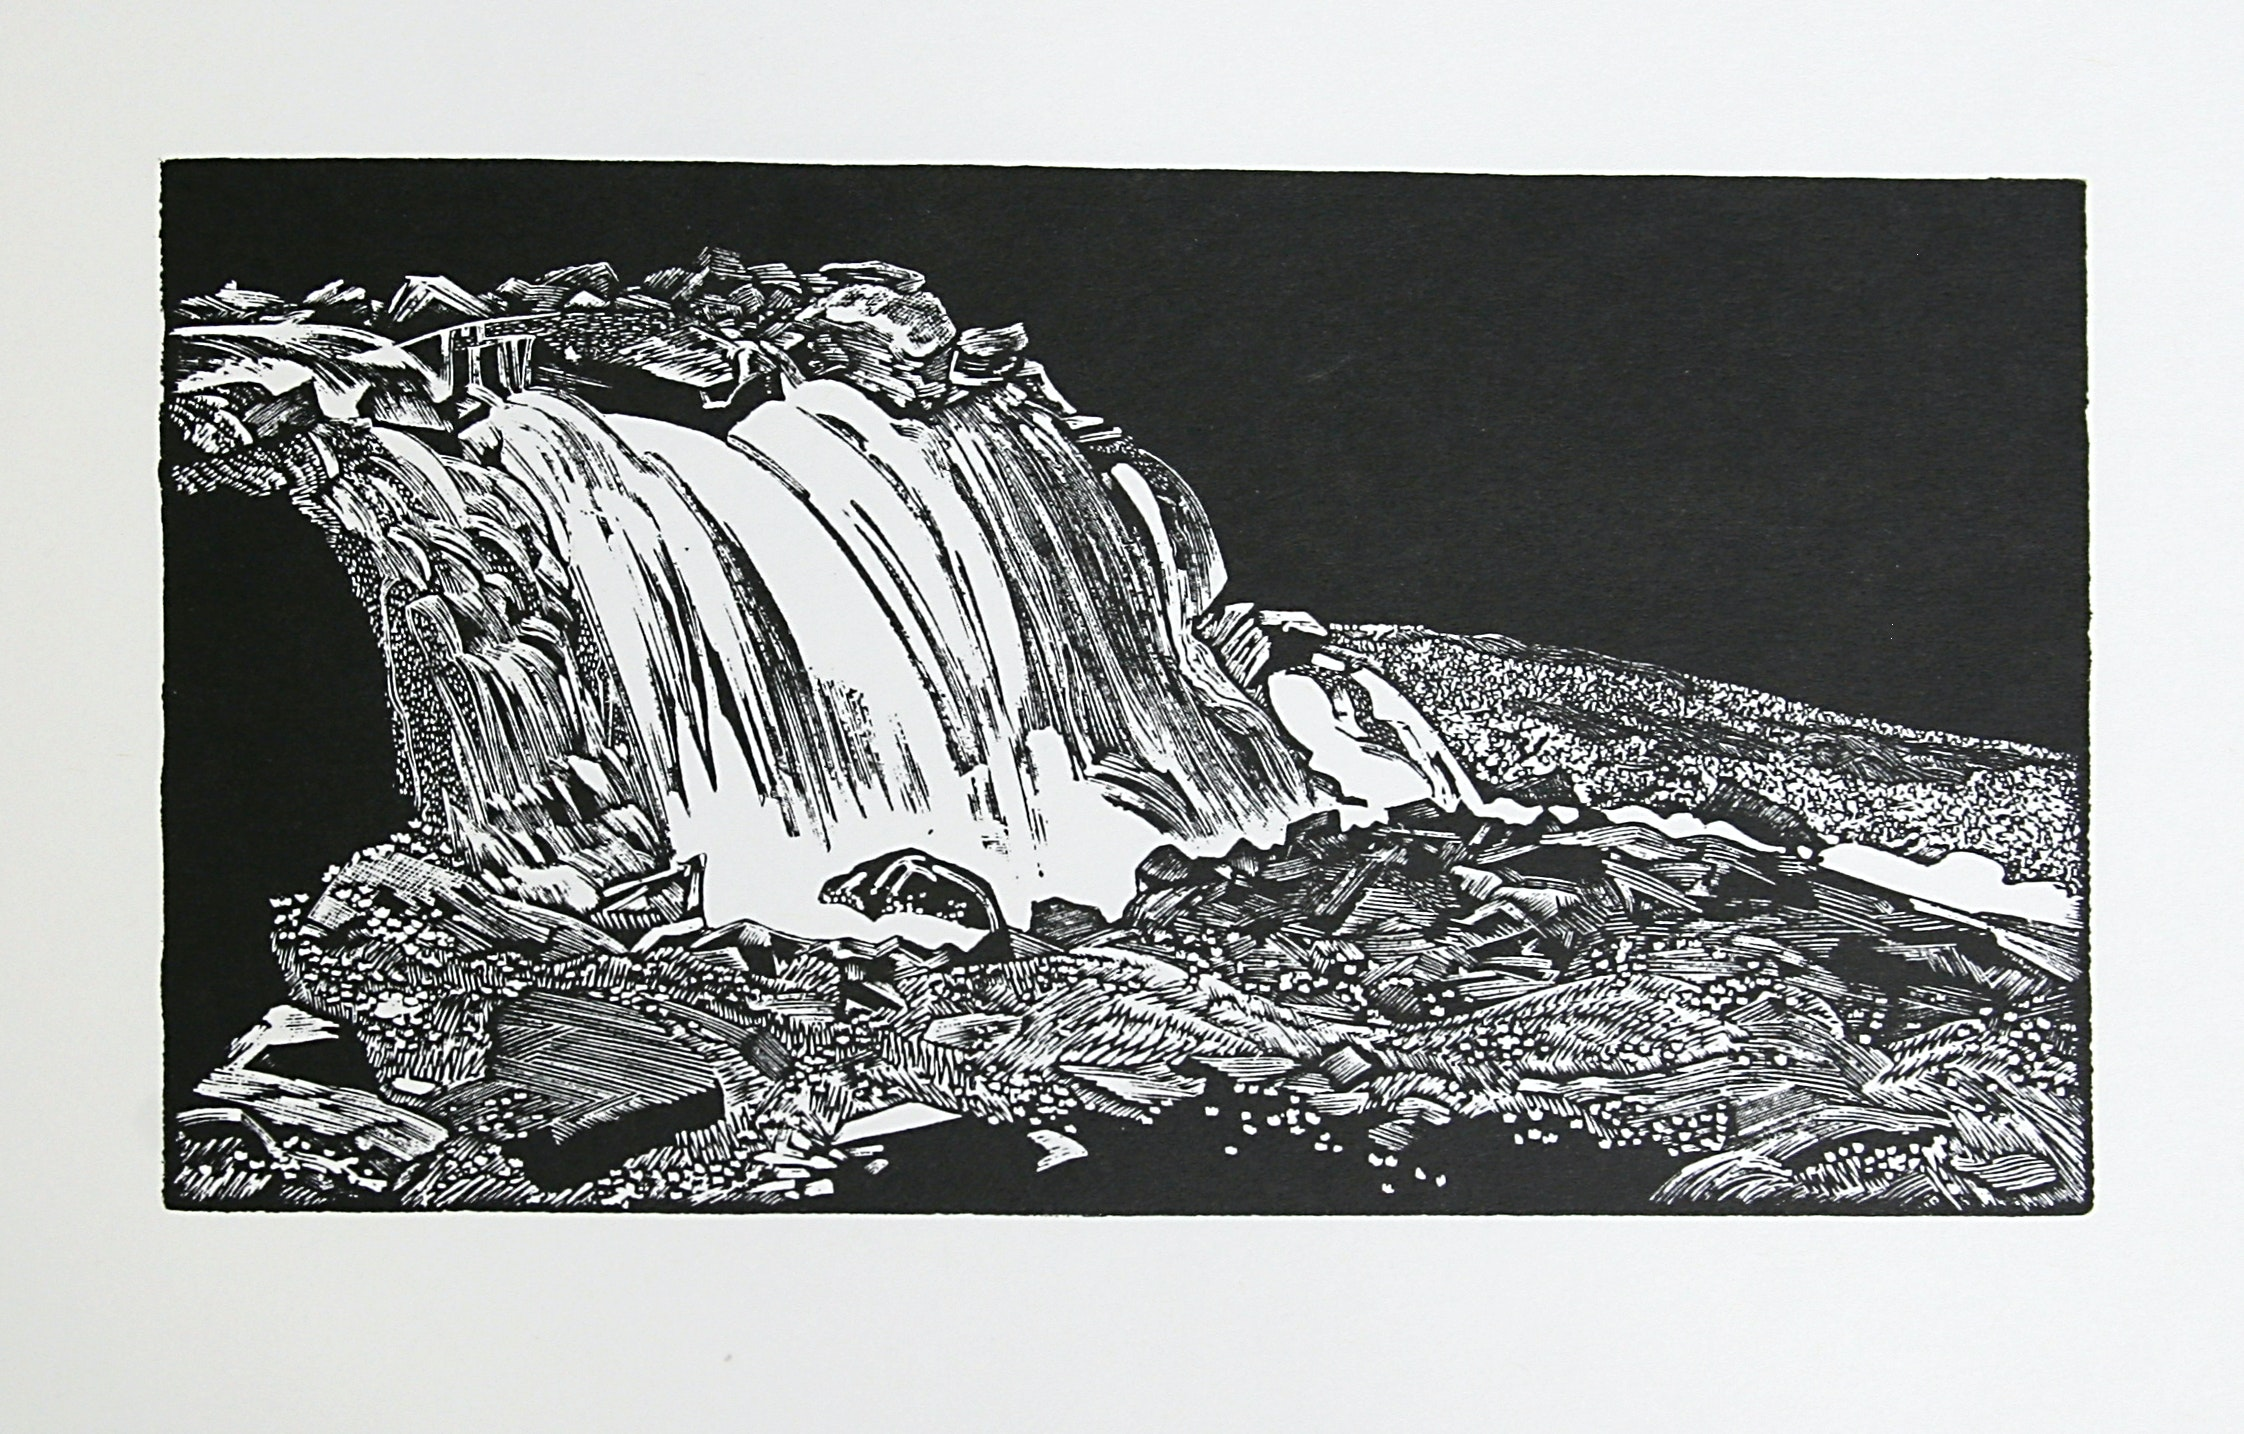 Falls Below Oesa by WJ Phillips